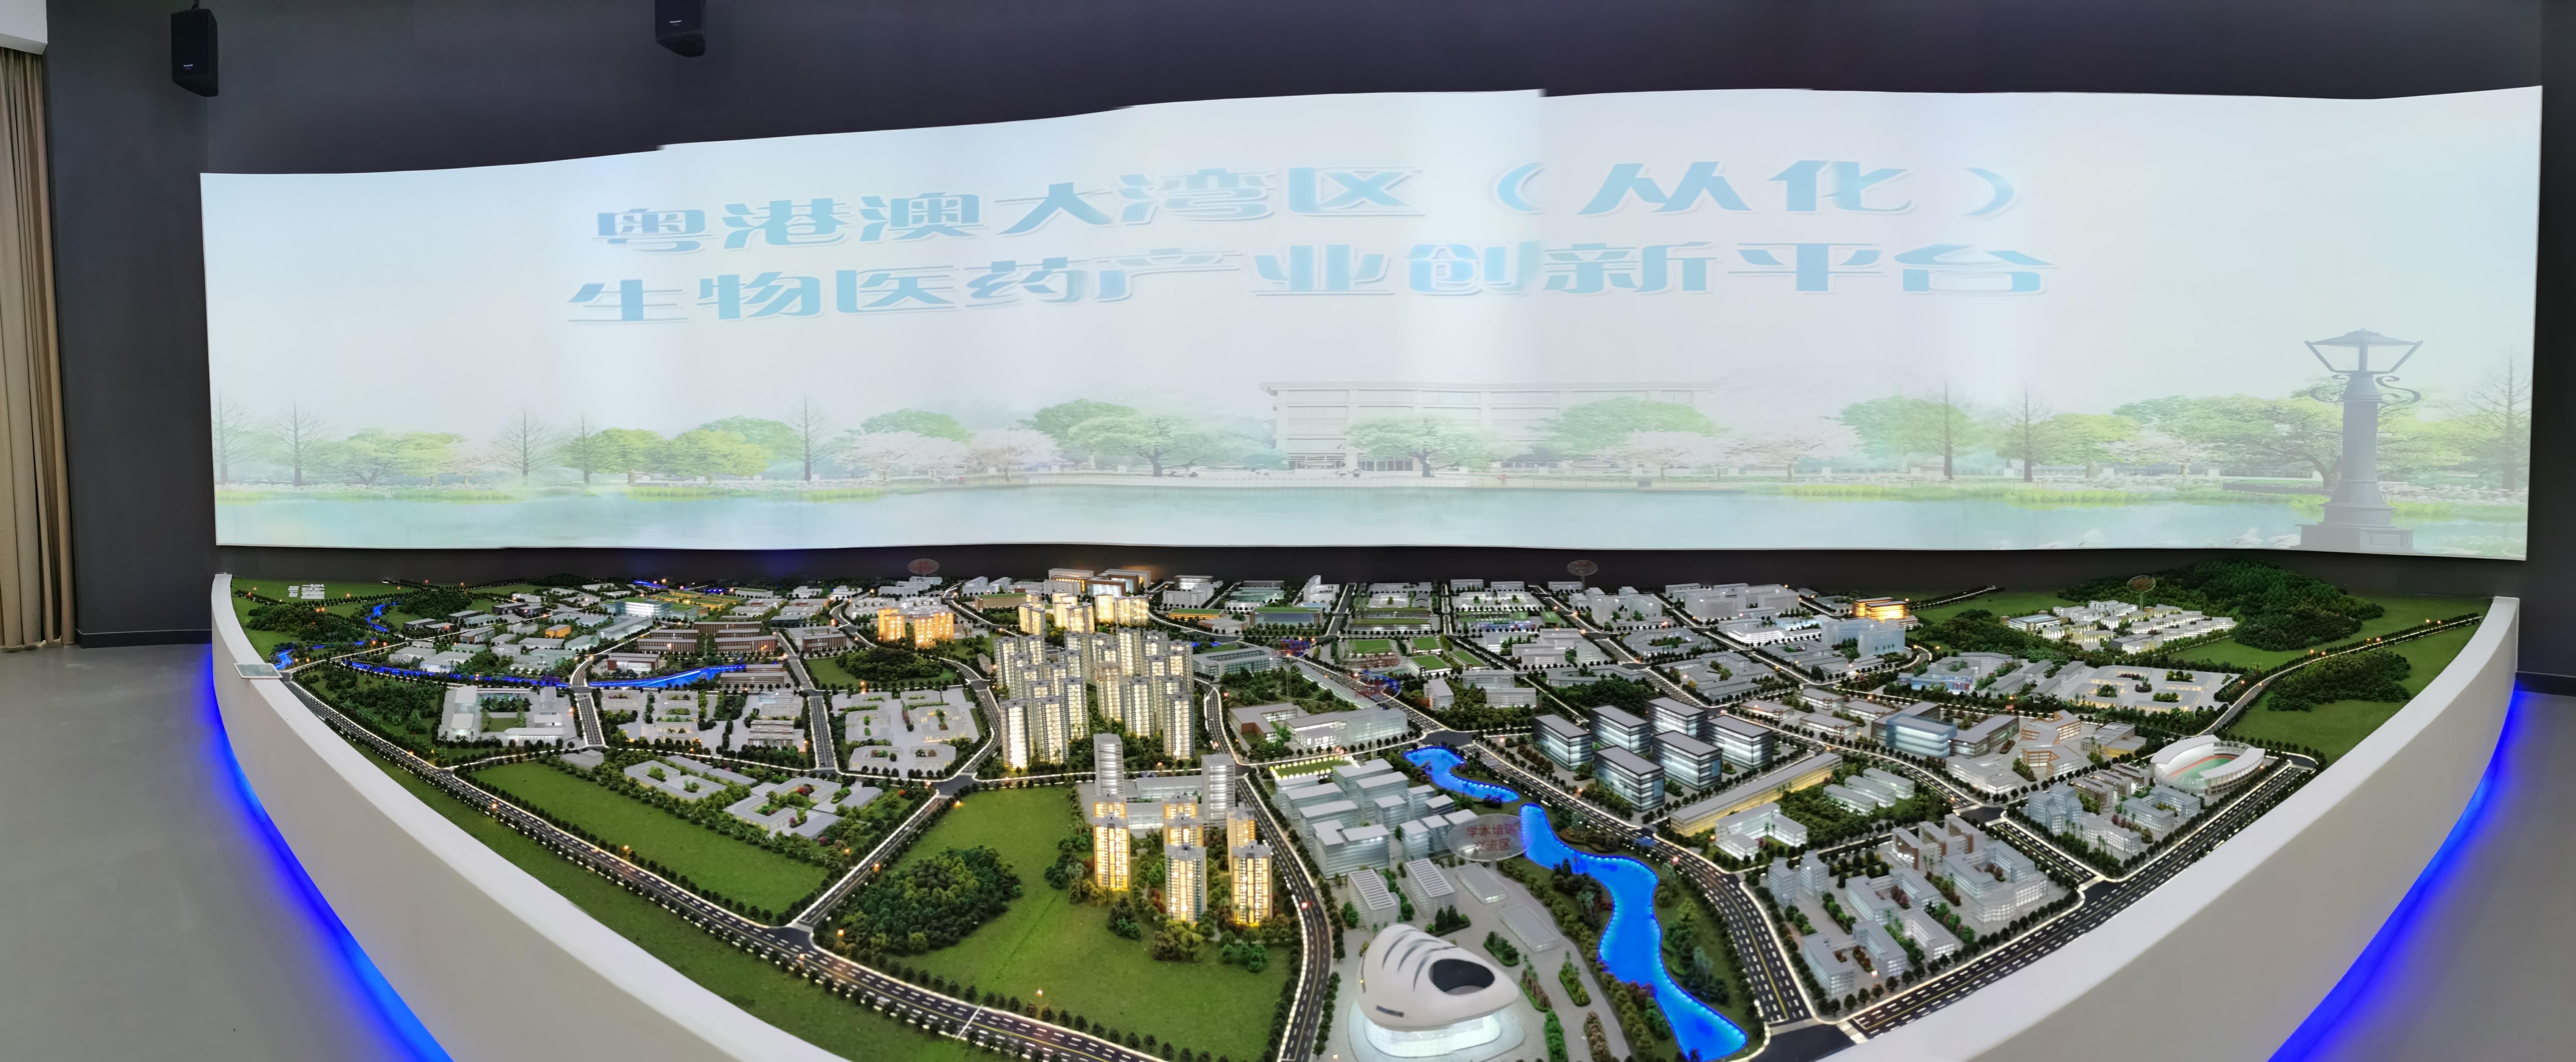 粤港澳大湾区(从化)生物医药产业创新平台-3